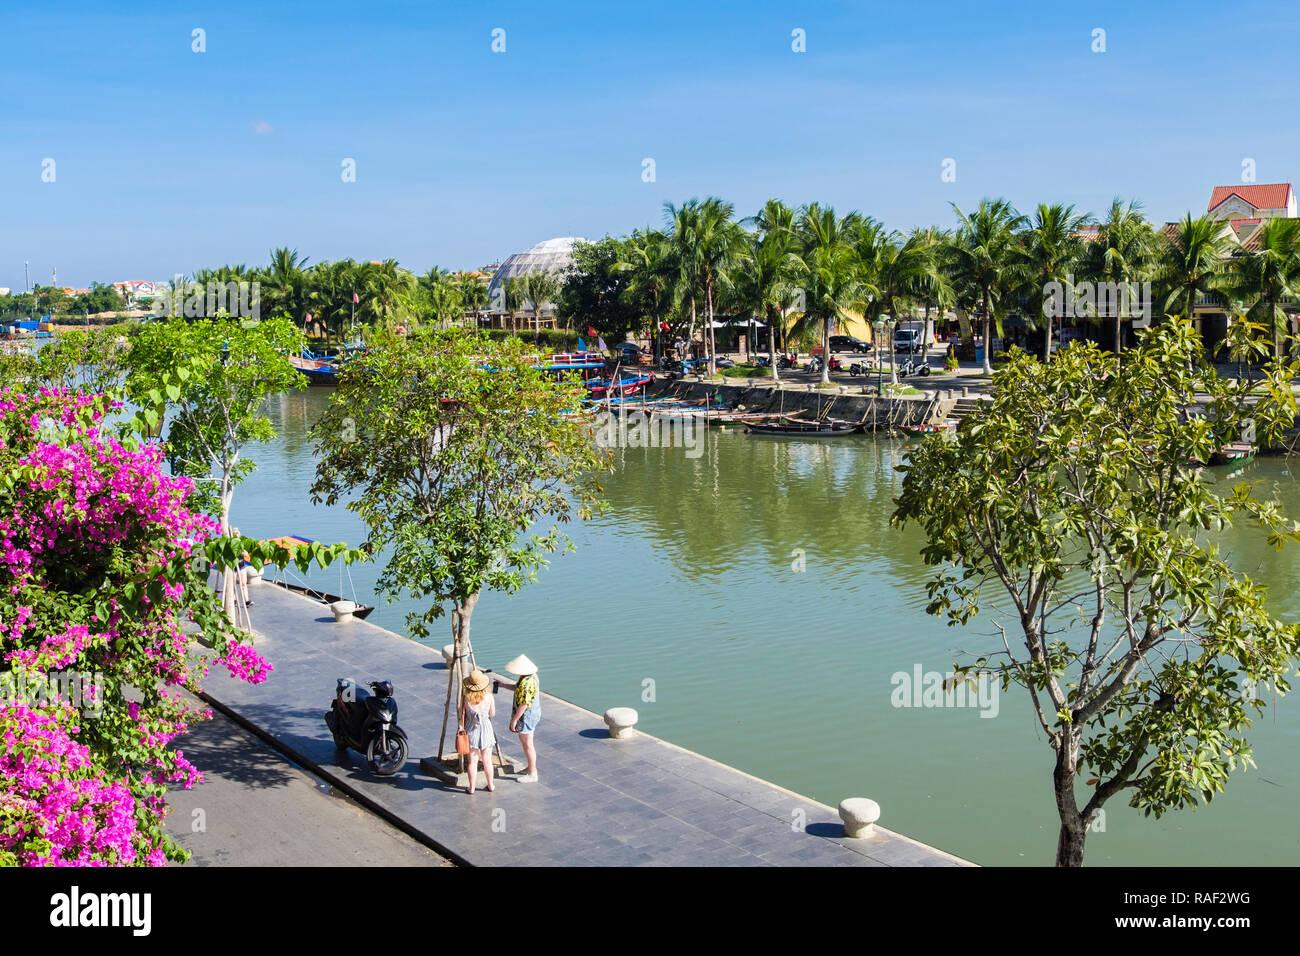 Regardant vers le bas sur la rivière Thu Bon dans le vieux quartier de la ville historique. Hoi An, Quang Nam Province, Vietnam, Asie Photo Stock